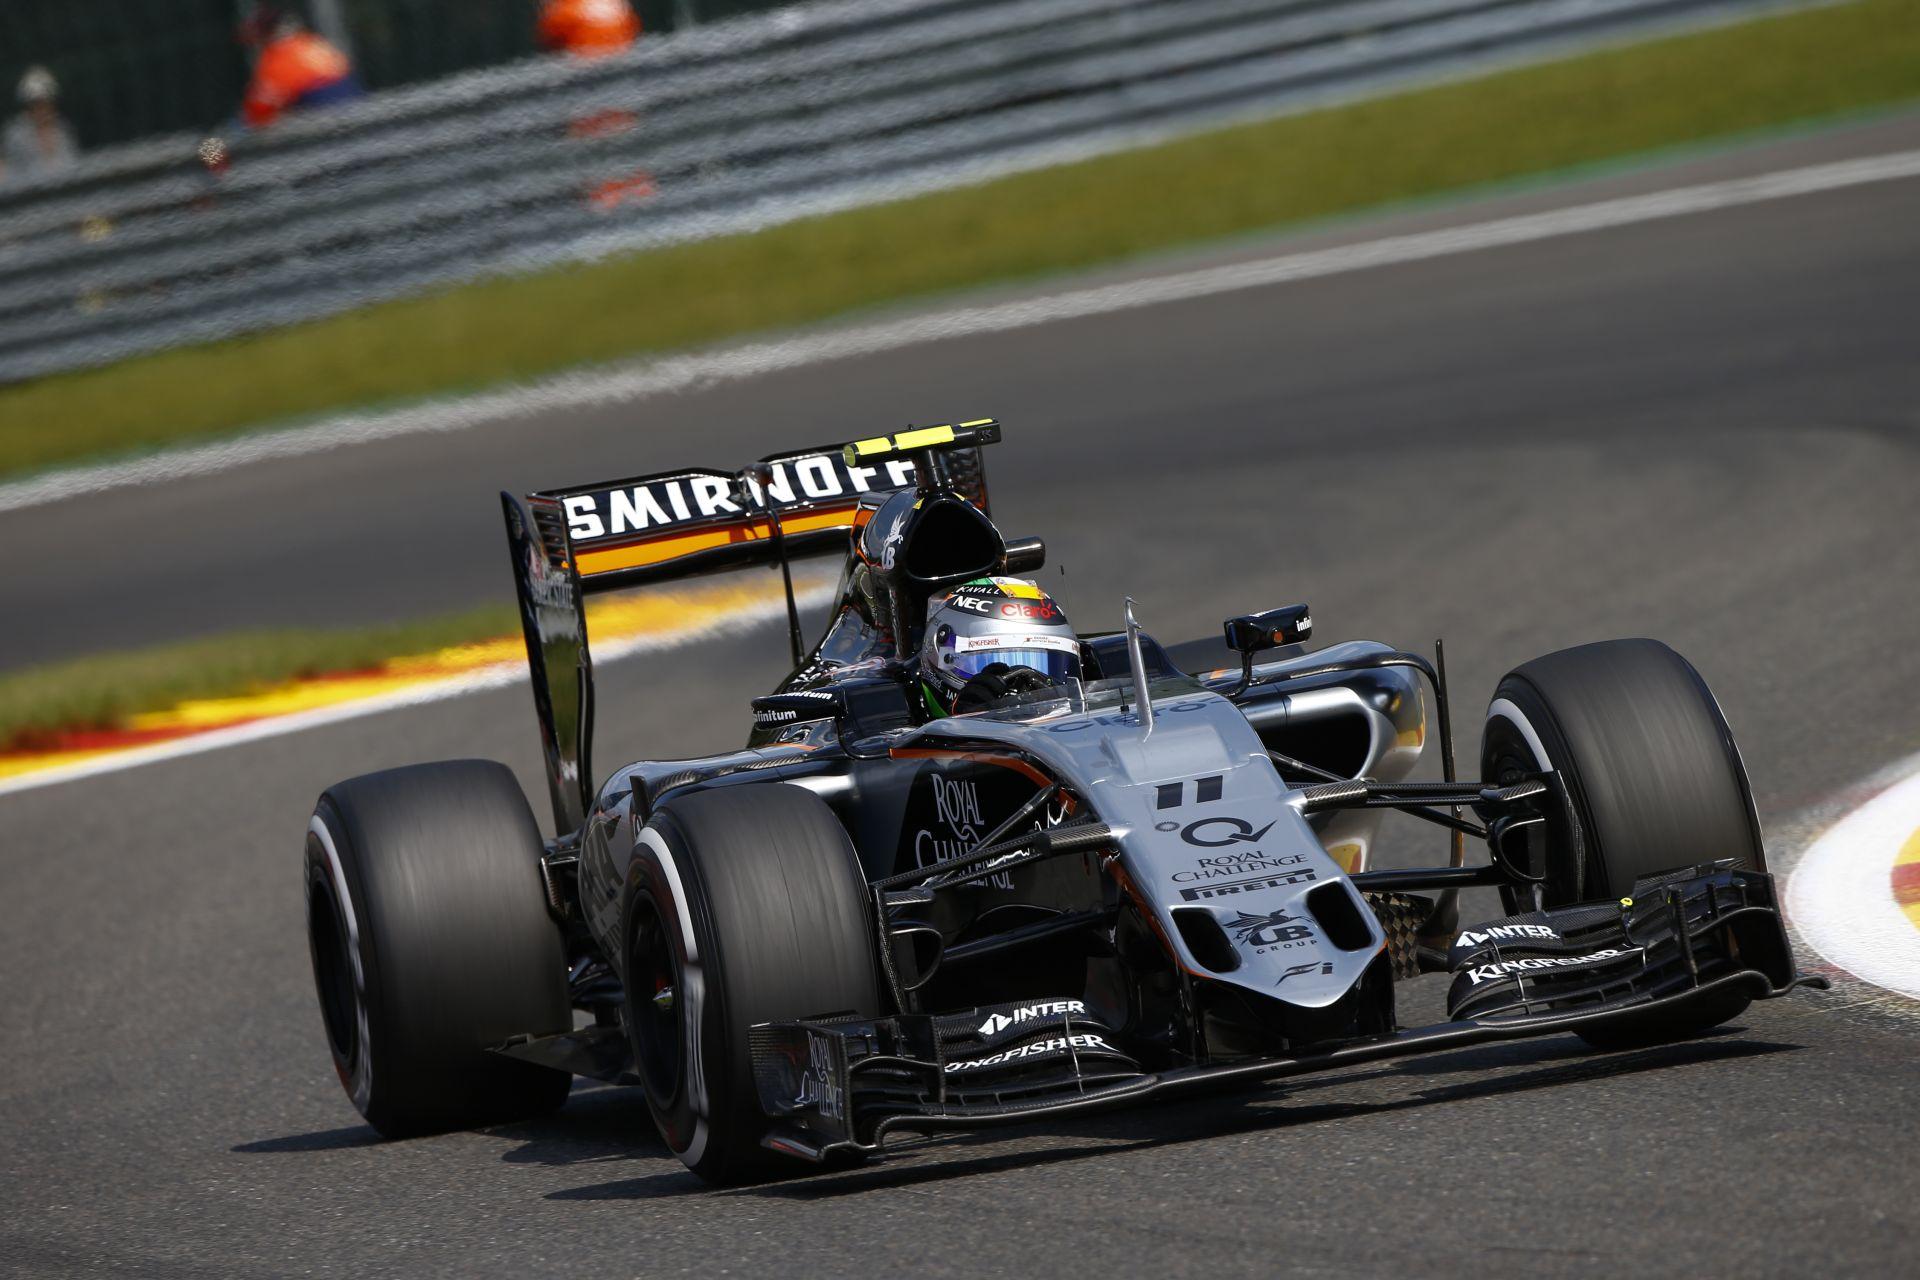 Pérez majdnem betette Hamilton mellé, de végül csak 5. lett a Force Indiával